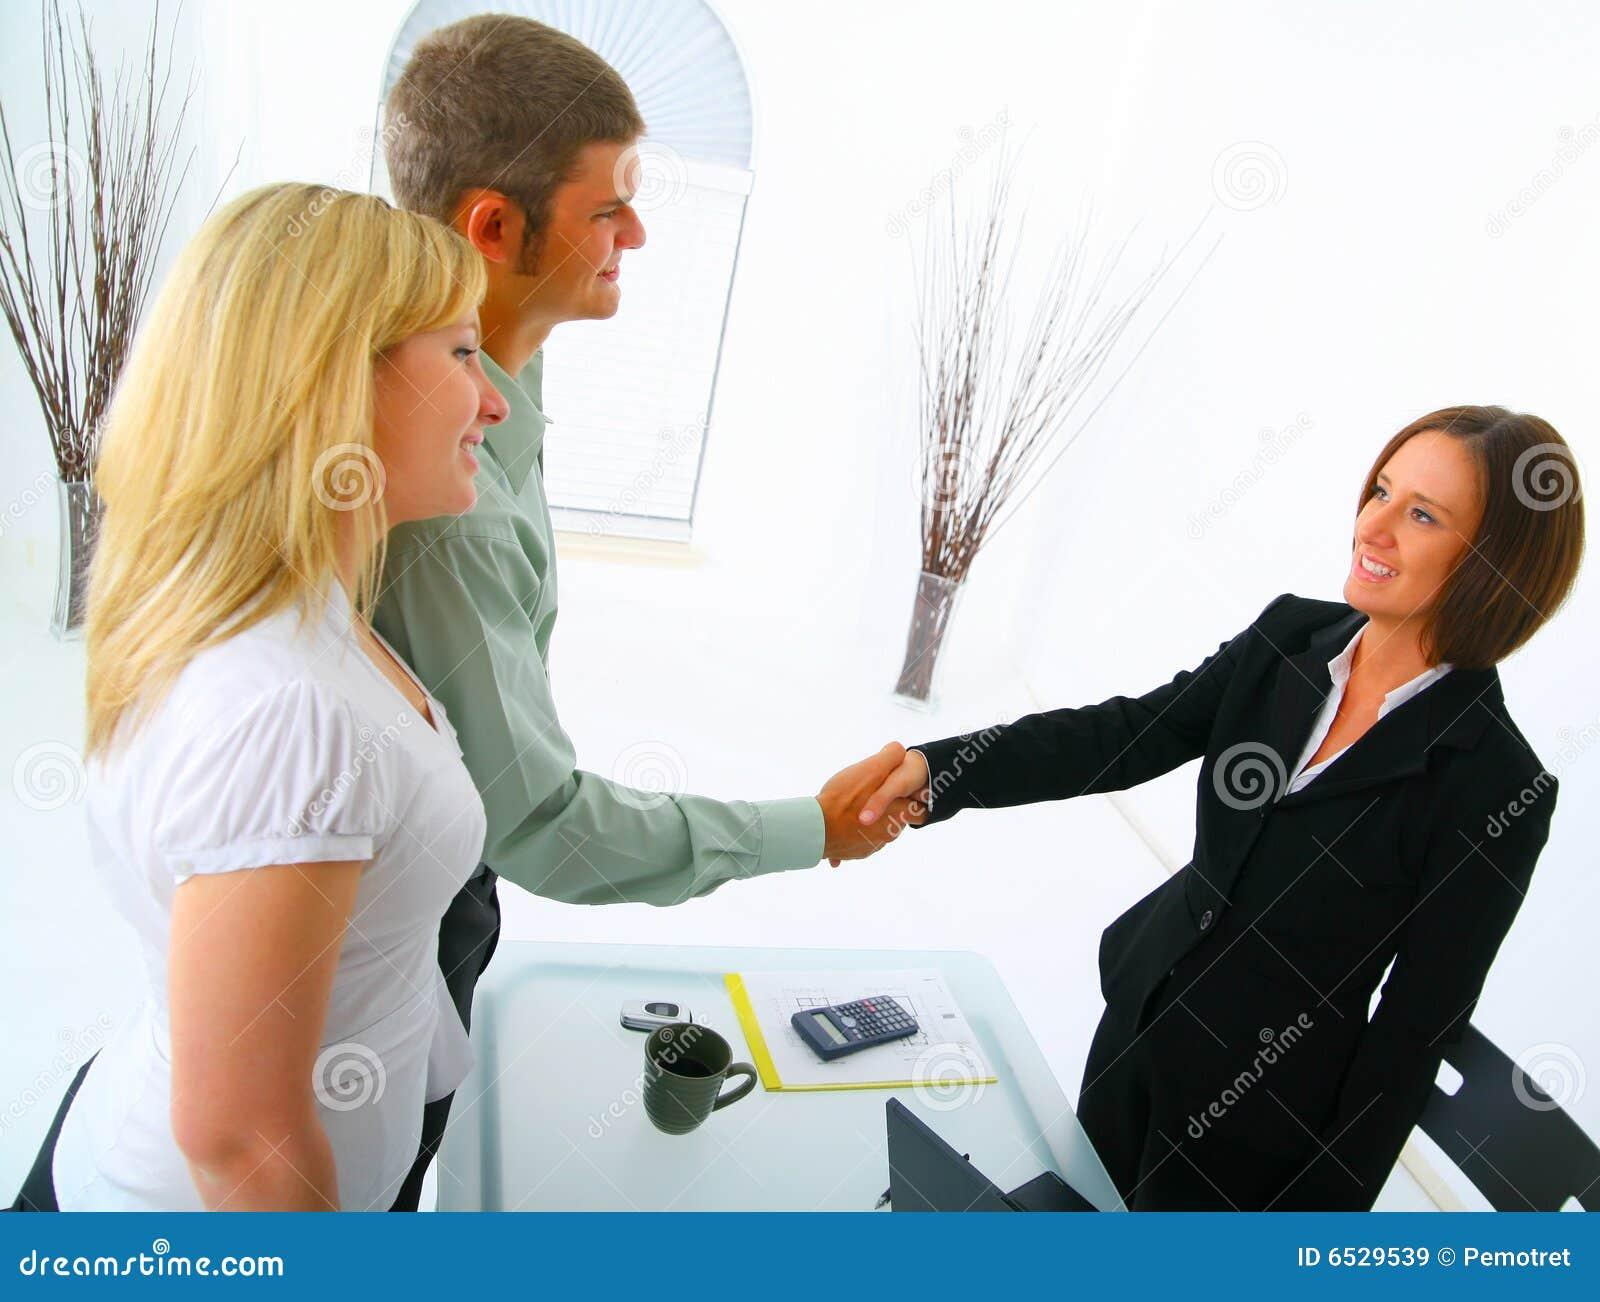 broker deal